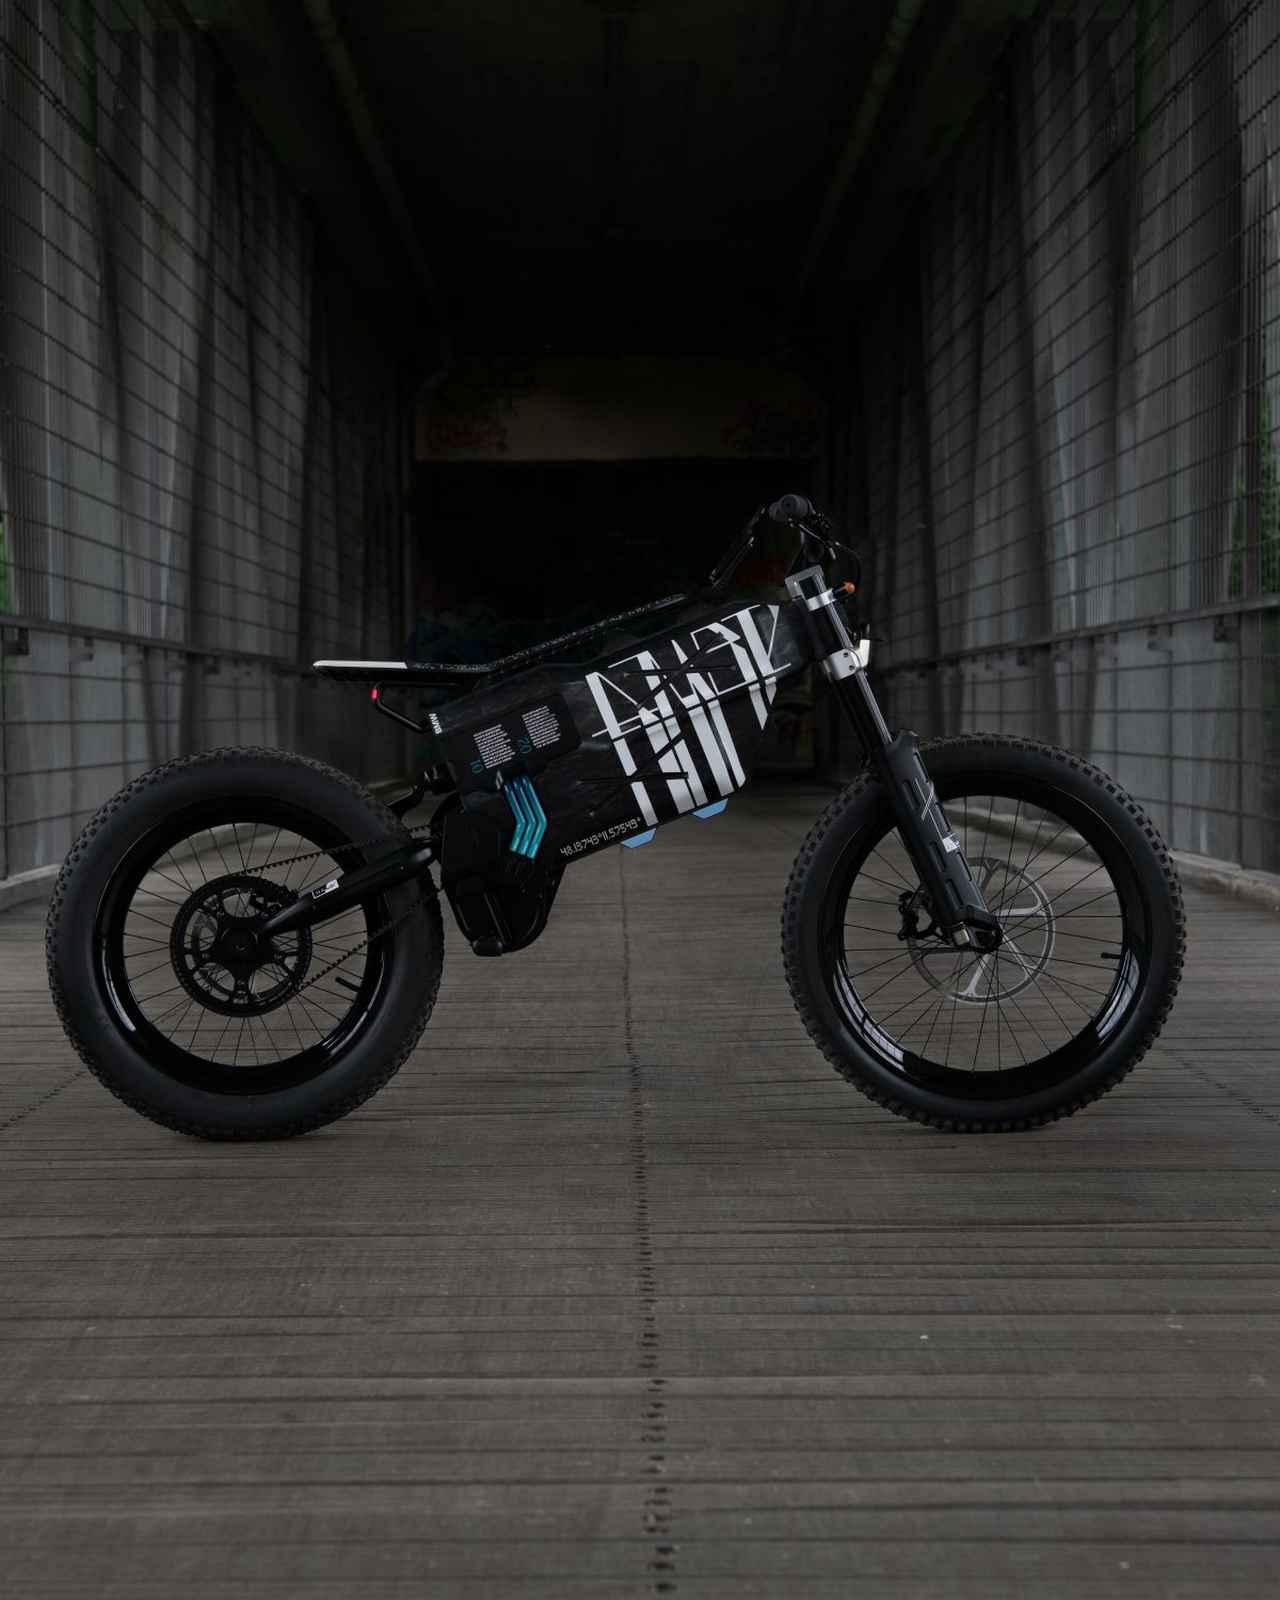 画像: BMWはヴィジョン アンビィに、ABS、自動ライティング、タイヤ圧モニター、最大140kmの距離レーダーを搭載することも考えているとのこと。都市部だけでなく、オフロード走行も楽しめそうな未来派2輪EVと言えるでしょう。 www.bmw-motorrad.com